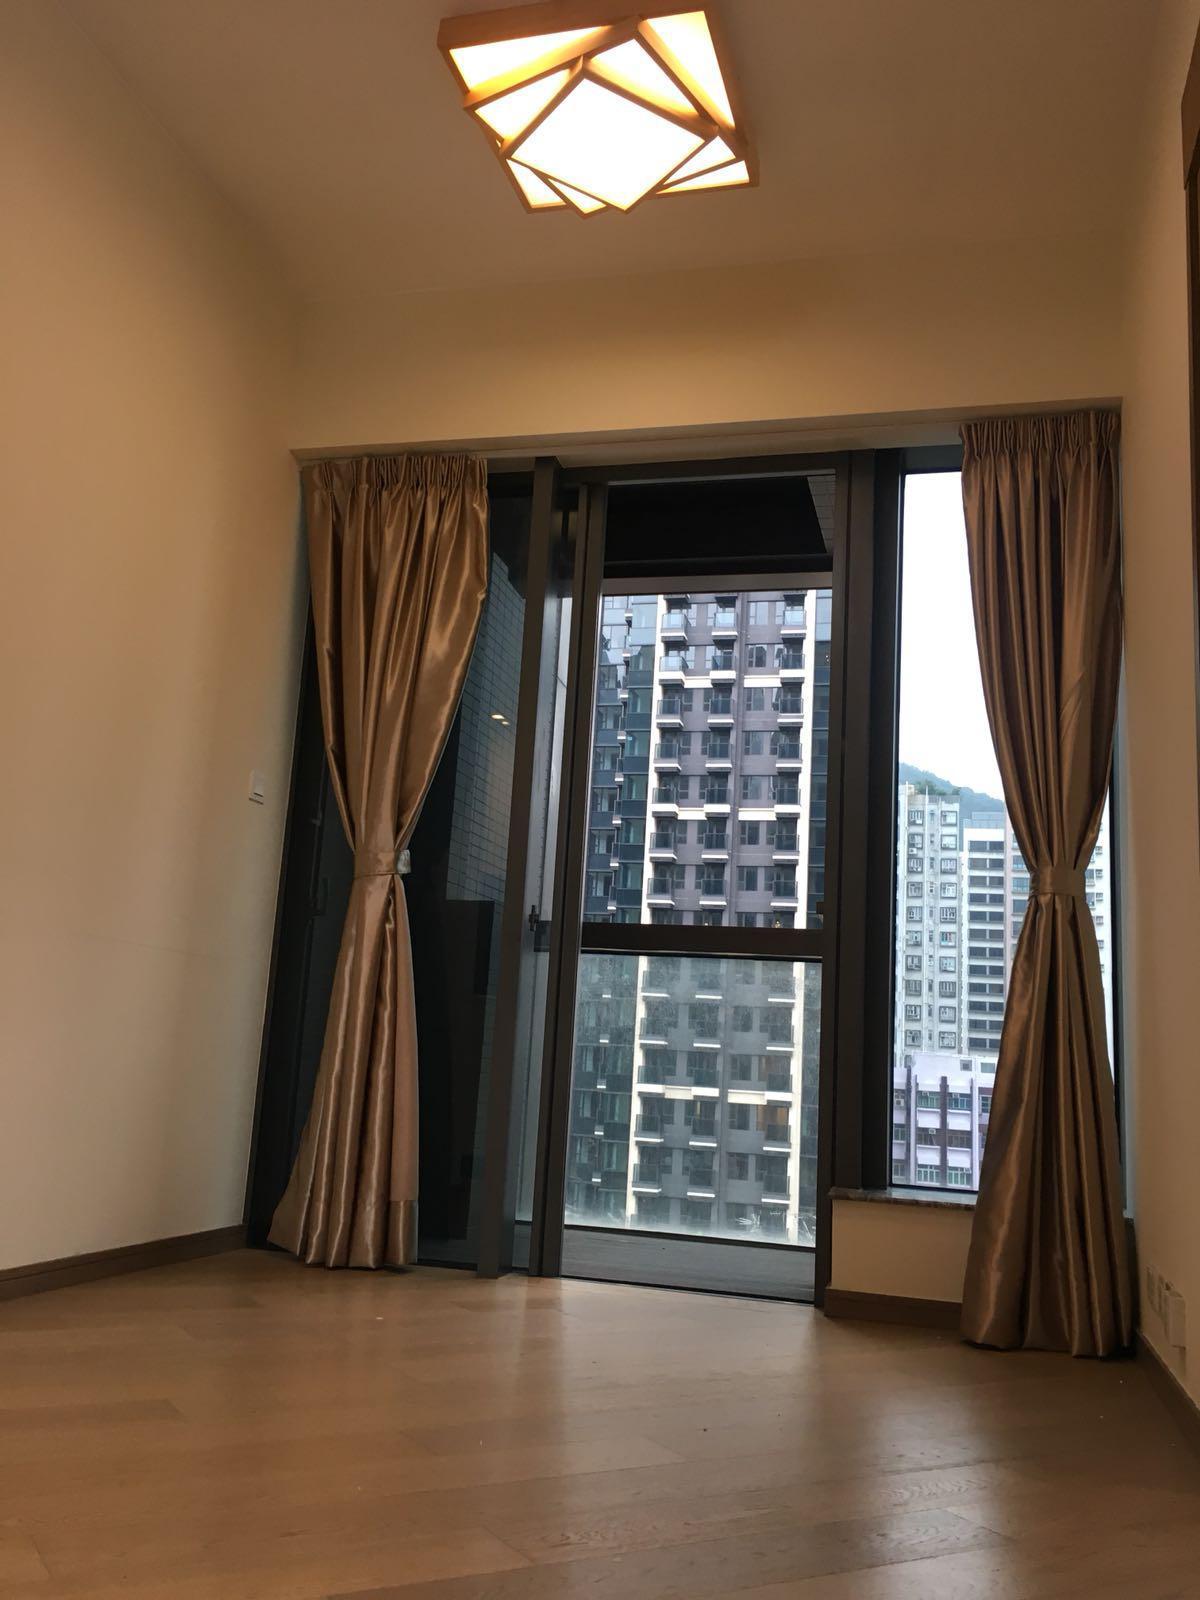 長沙灣|住宅|曉悅|福華街 571號